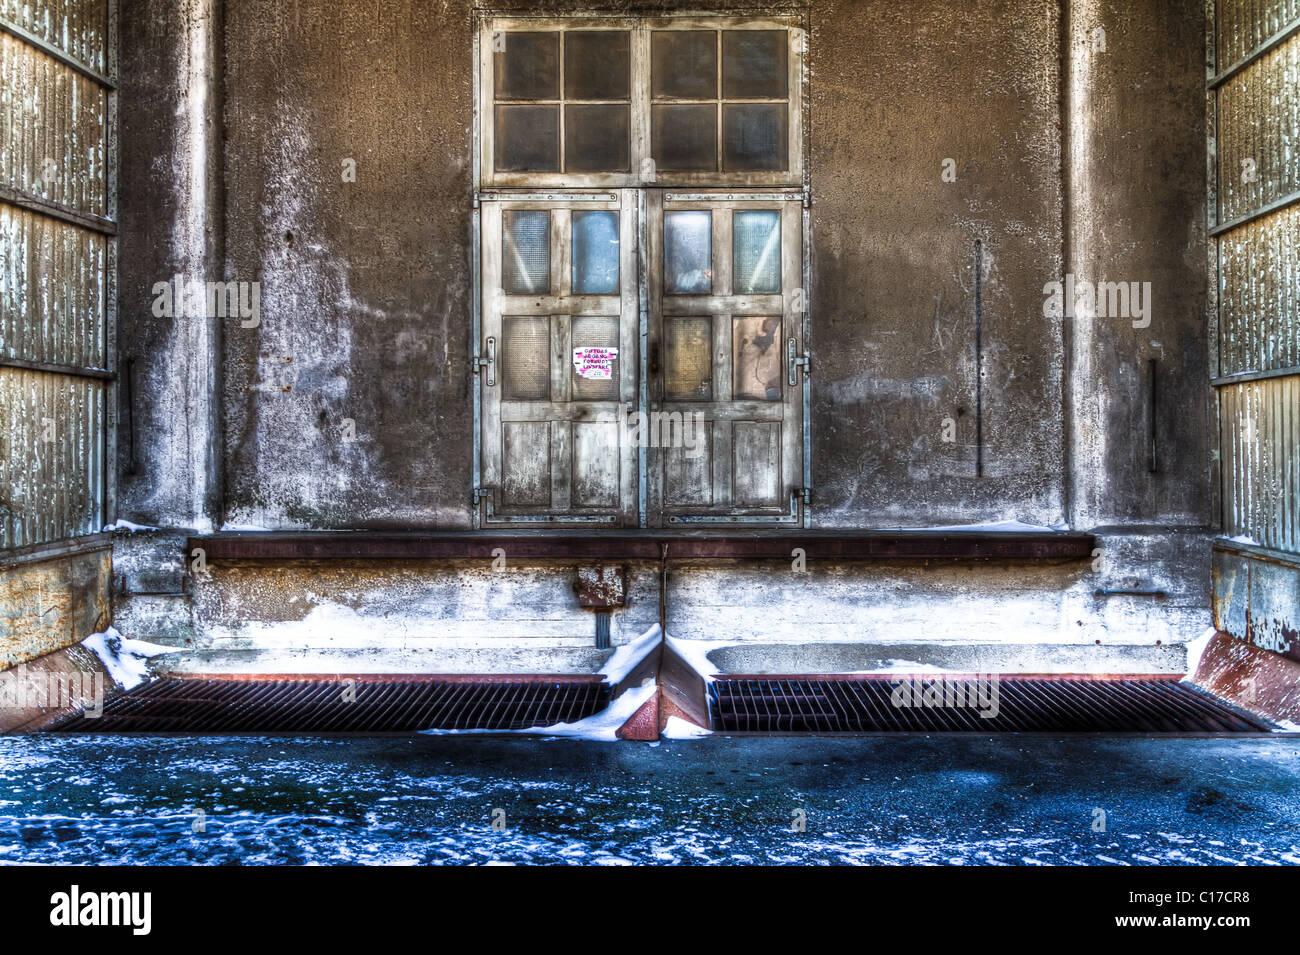 Entrée de vieux bâtiment sinistre avec de la neige Photo Stock